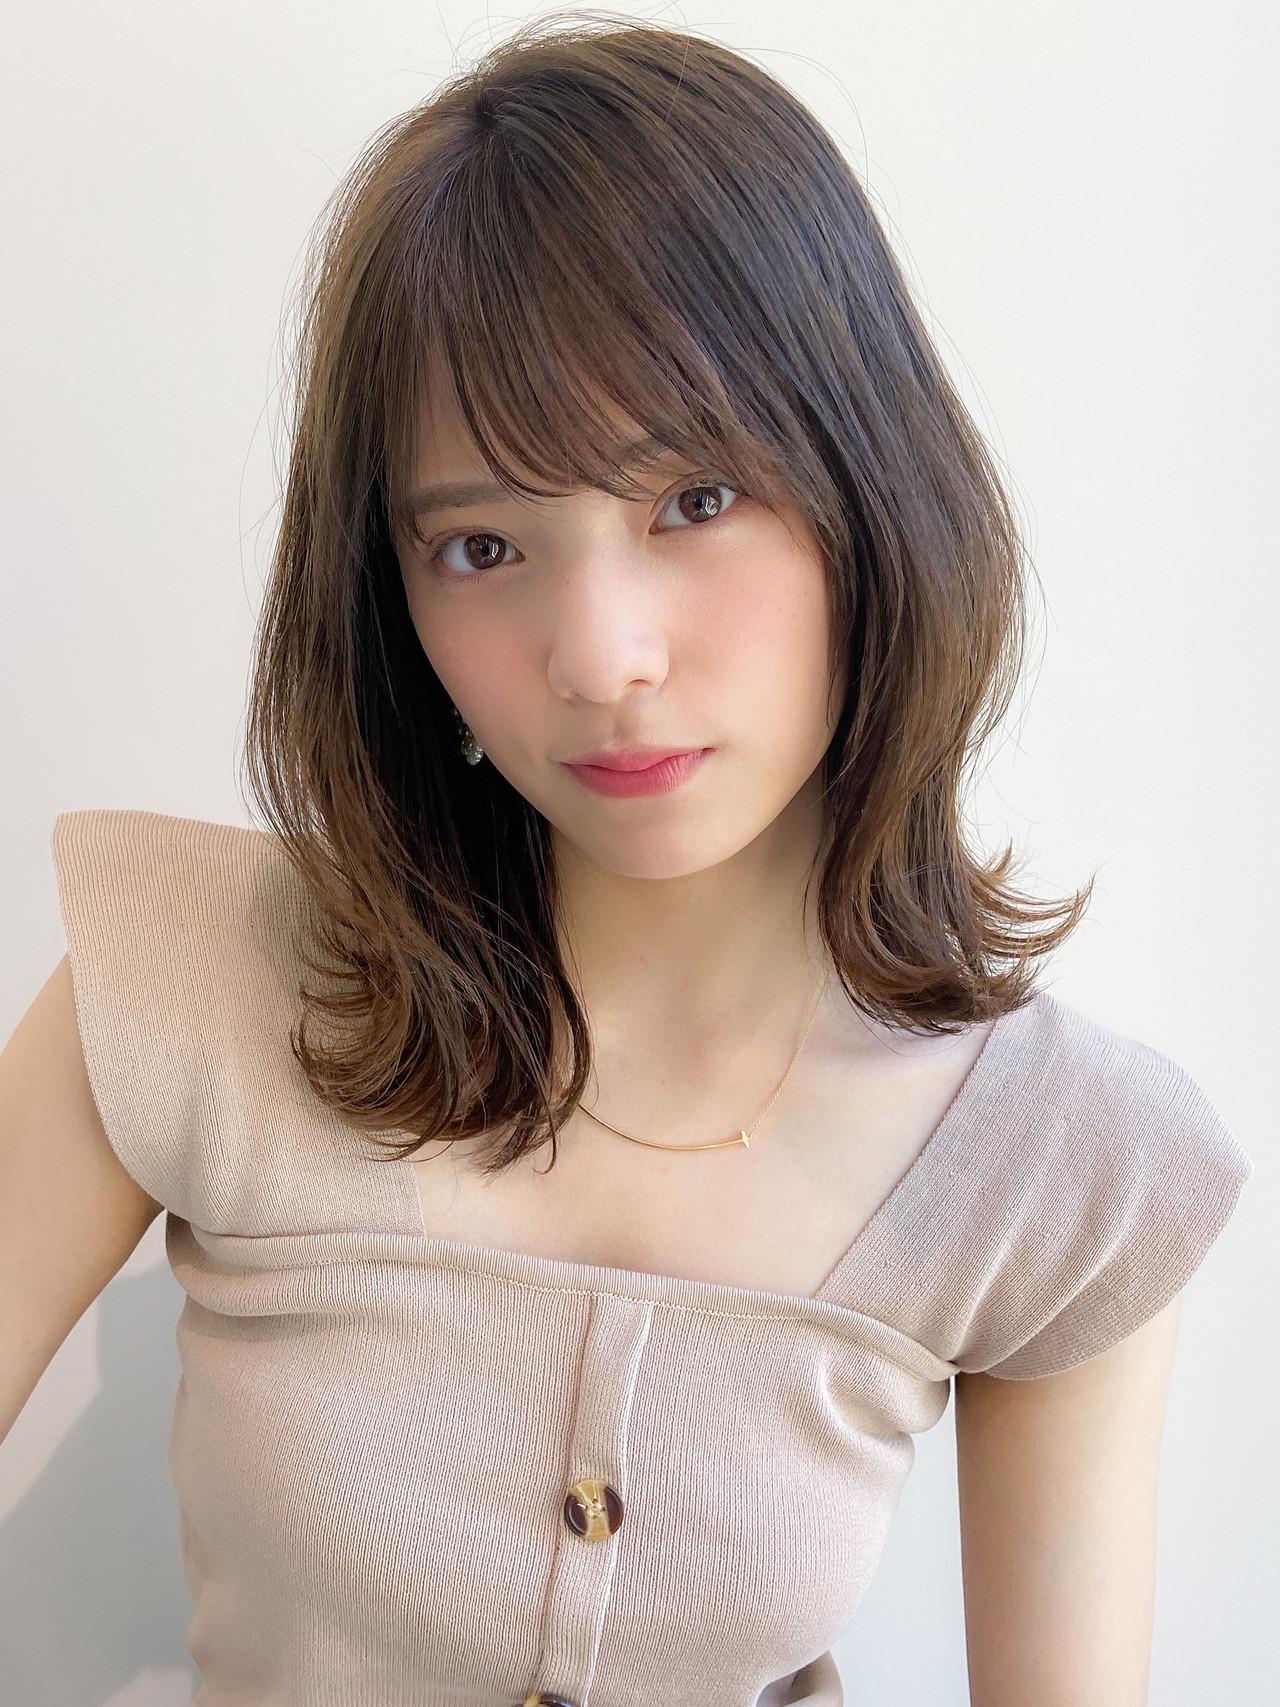 モテ髪 大人可愛い デジタルパーマ アンニュイほつれヘア ヘアスタイルや髪型の写真・画像